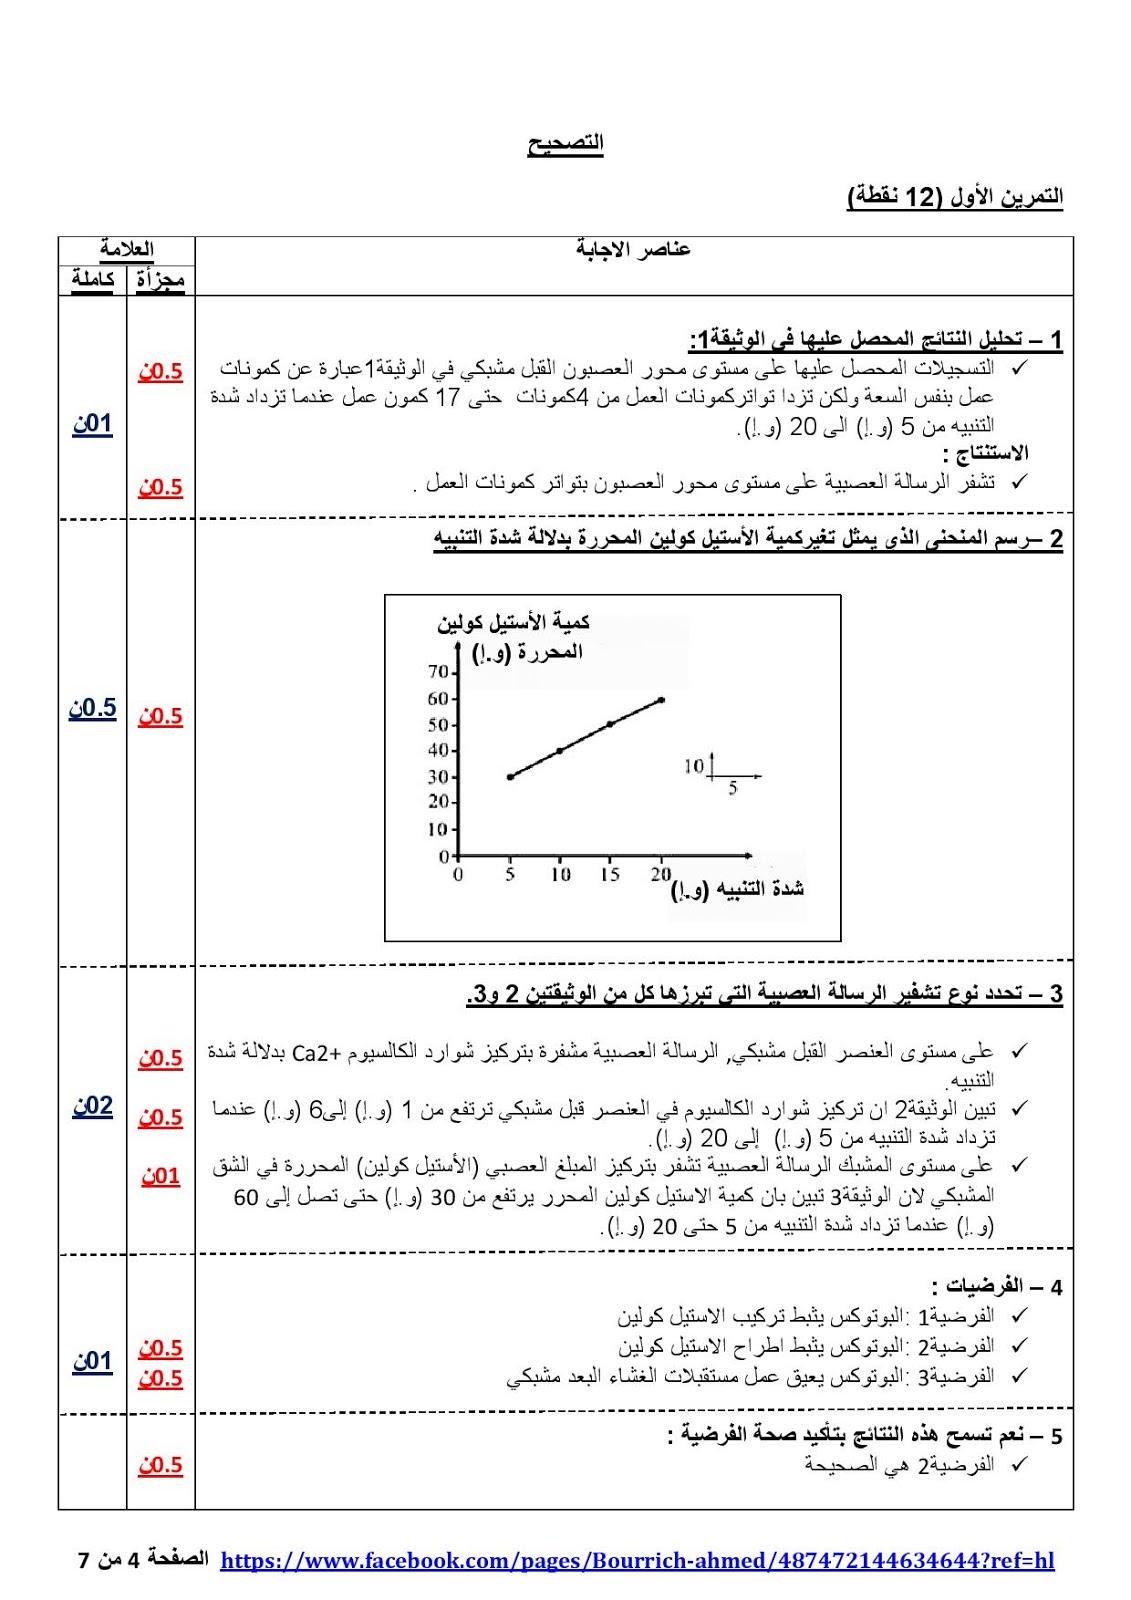 اختبار العلوم الطبيعية للسنة الثانية ثانوي الفصل الاول